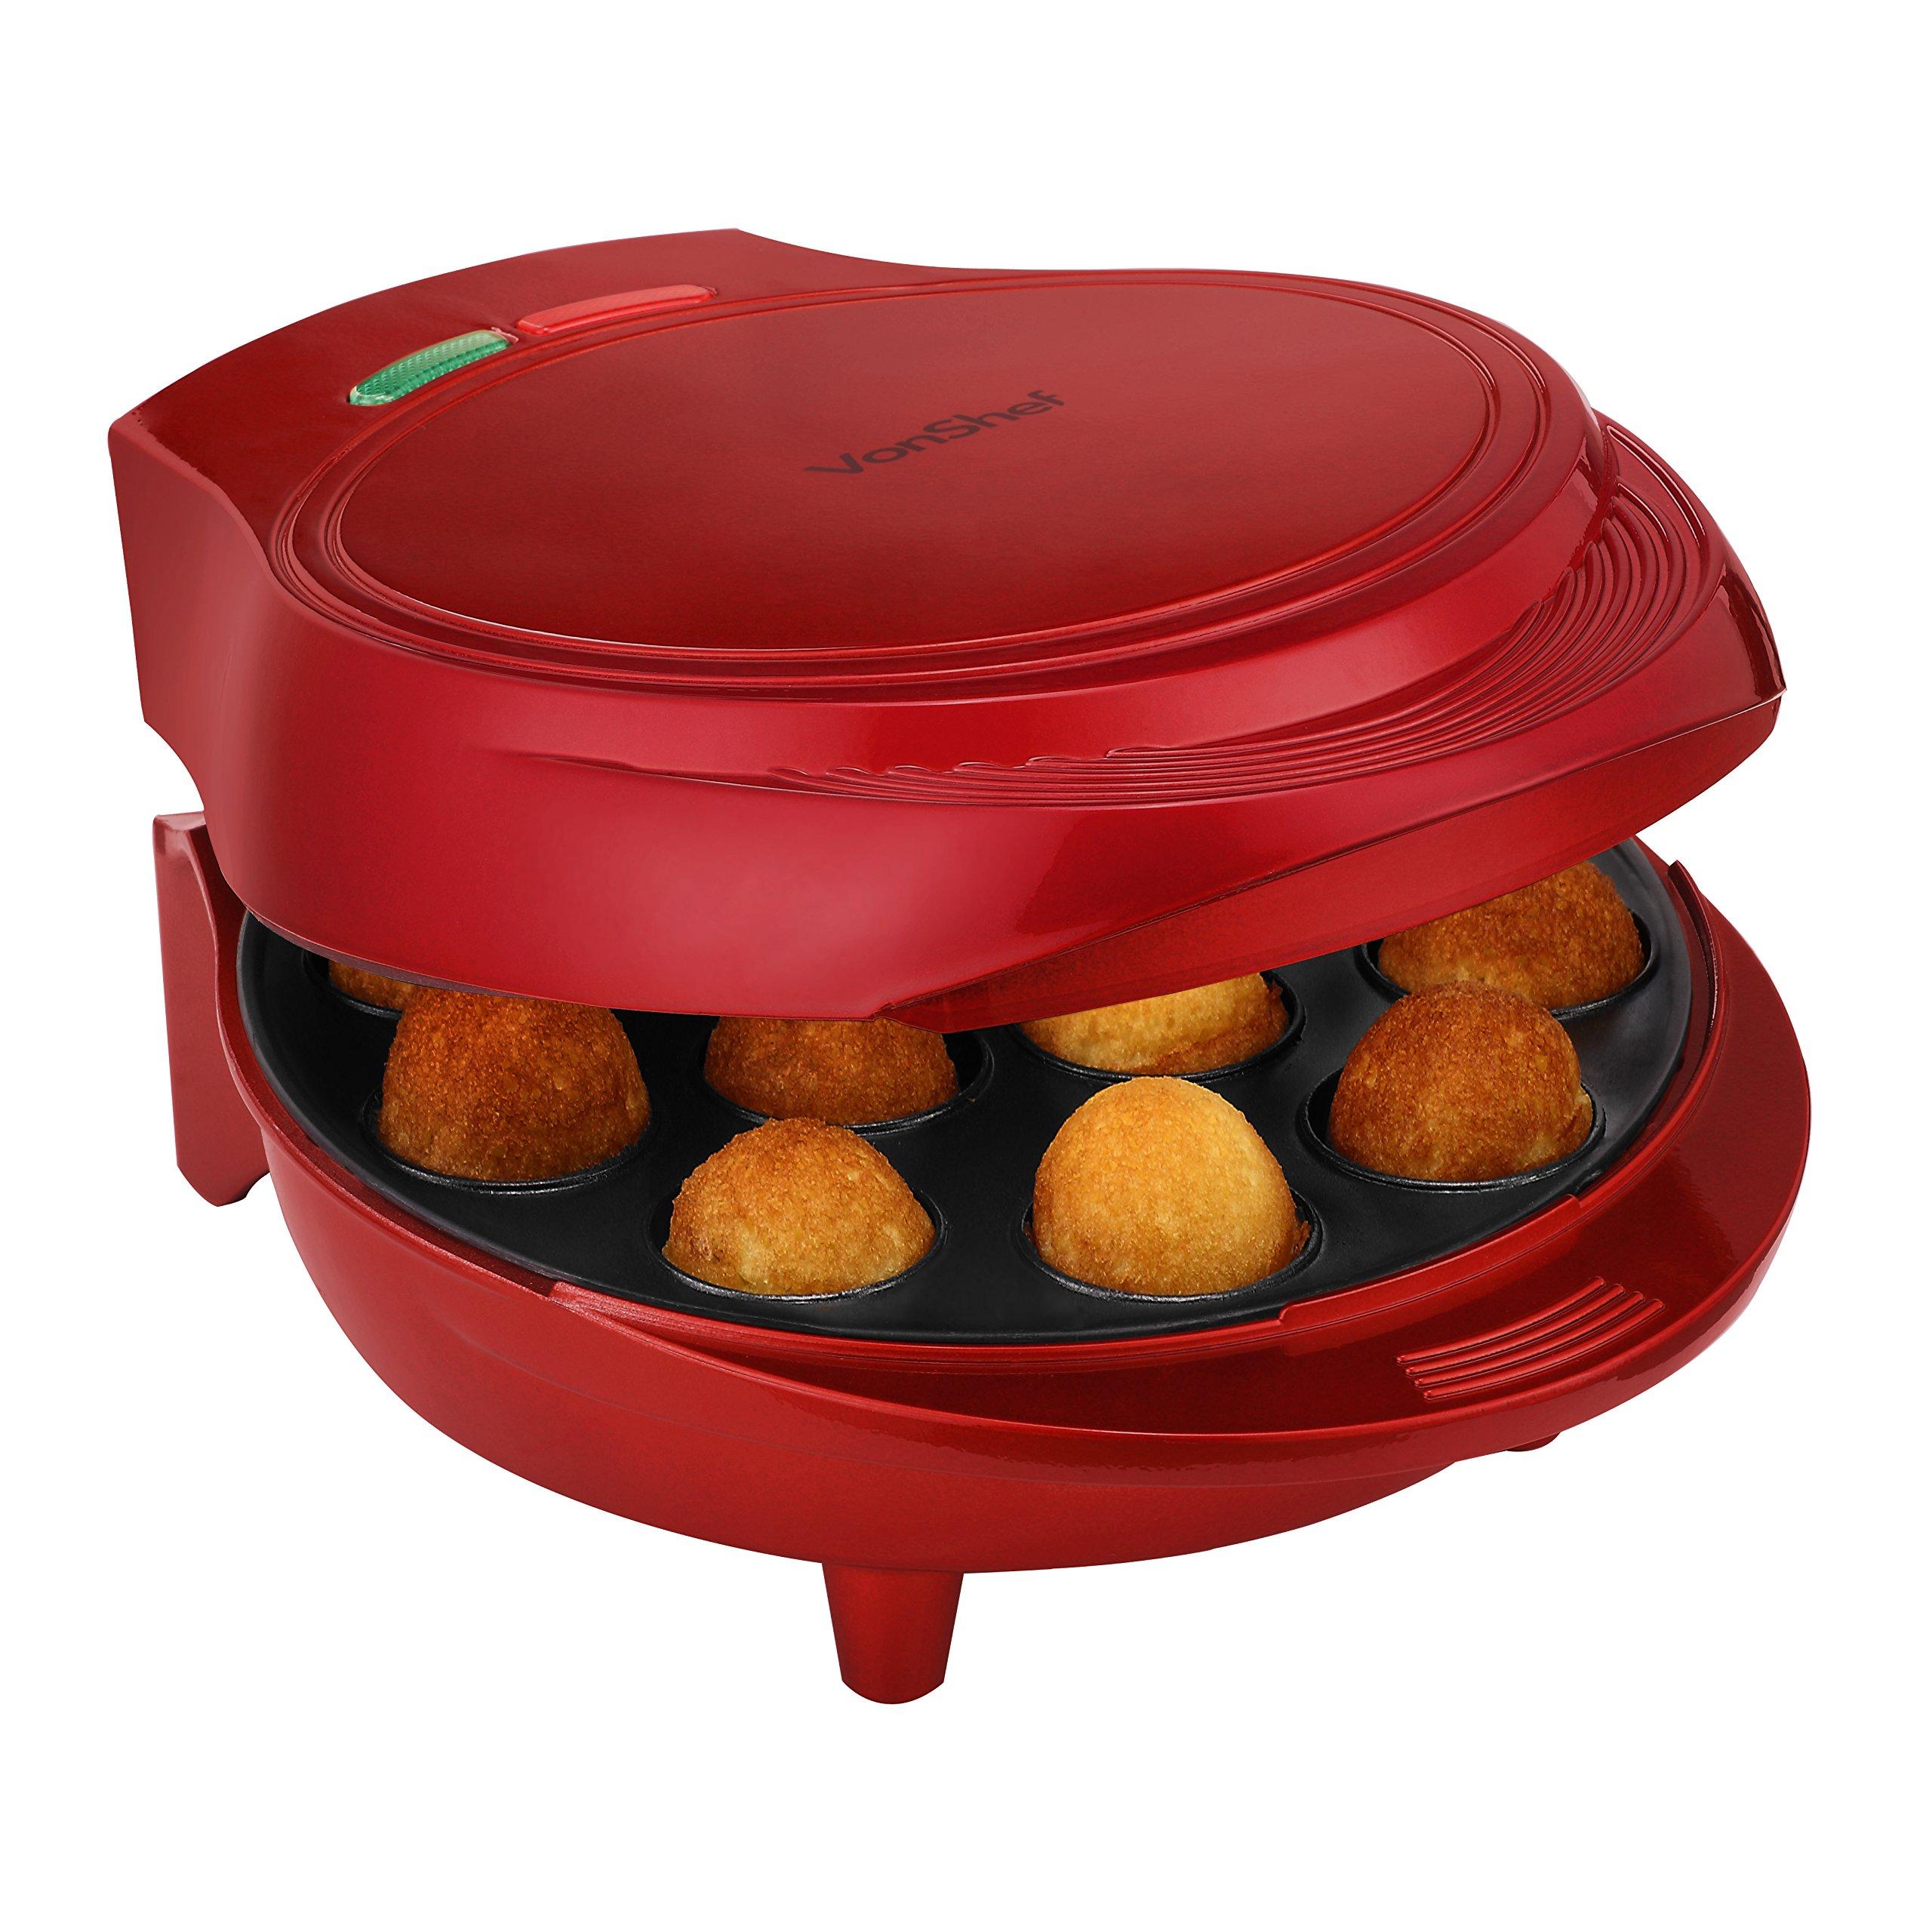 VonShef 12 Cake Pop Maker Machine Set Includes Sticks & Stand - Red by VonShef